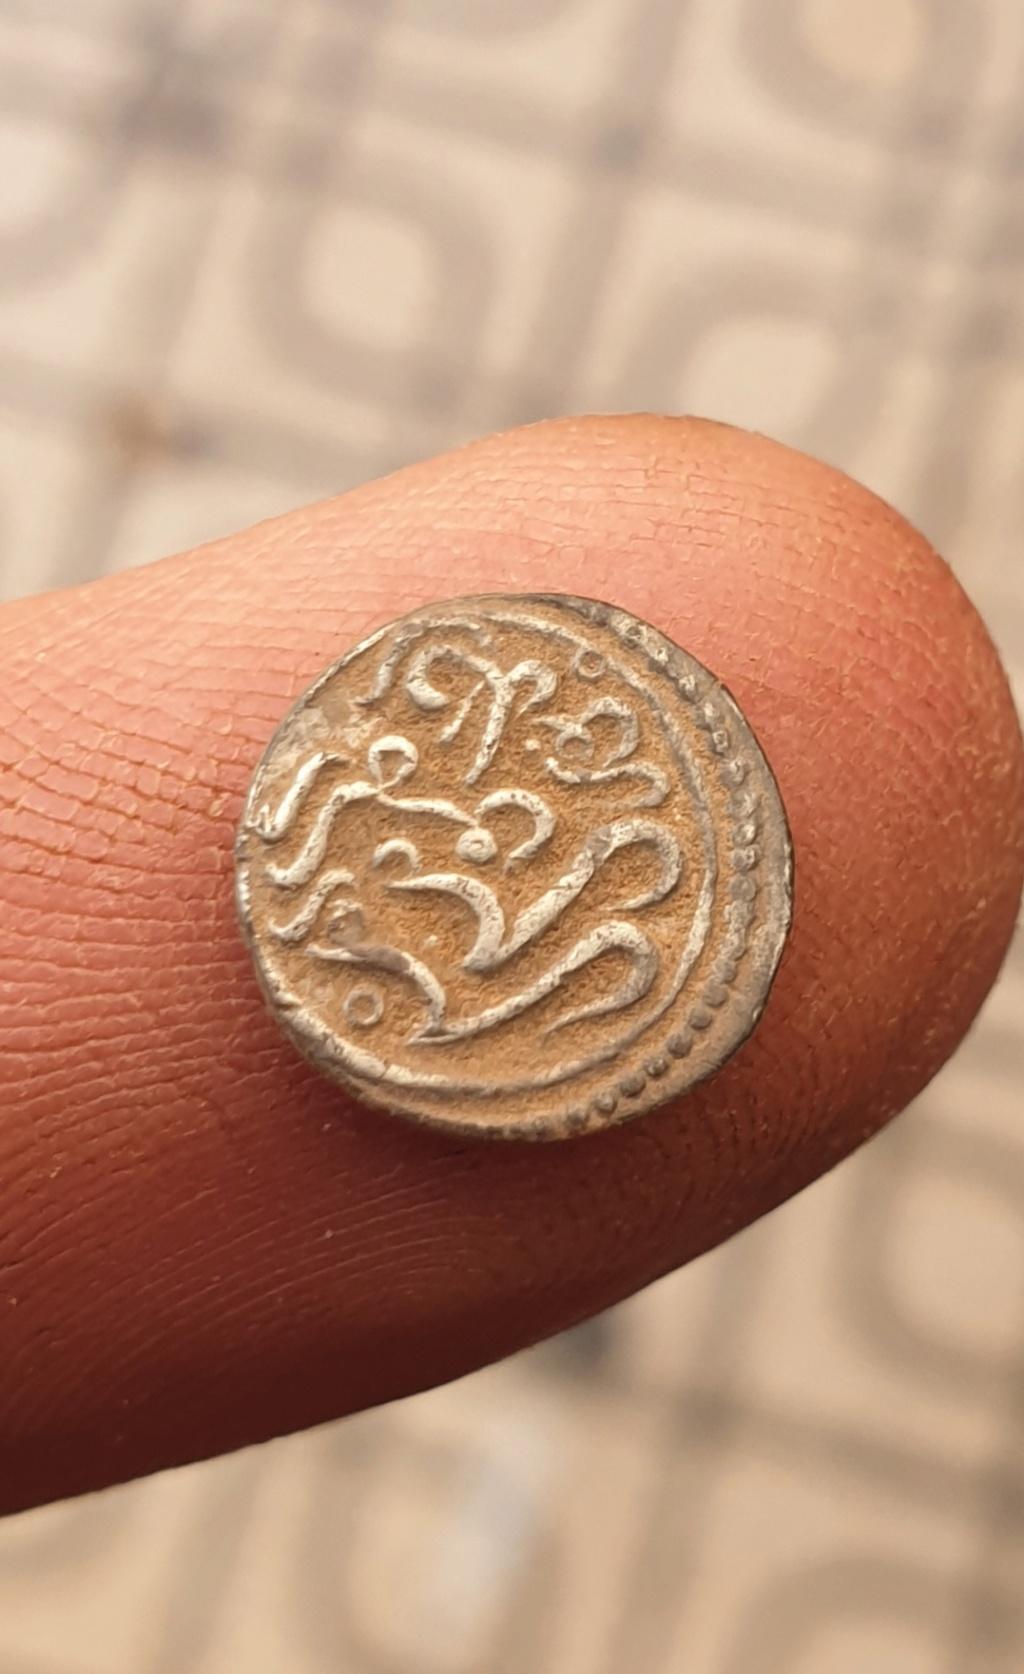 Quirate de Muhammad ben 'Alí ben al-Hayyam, taifa almorávide de Badajoz 20191212